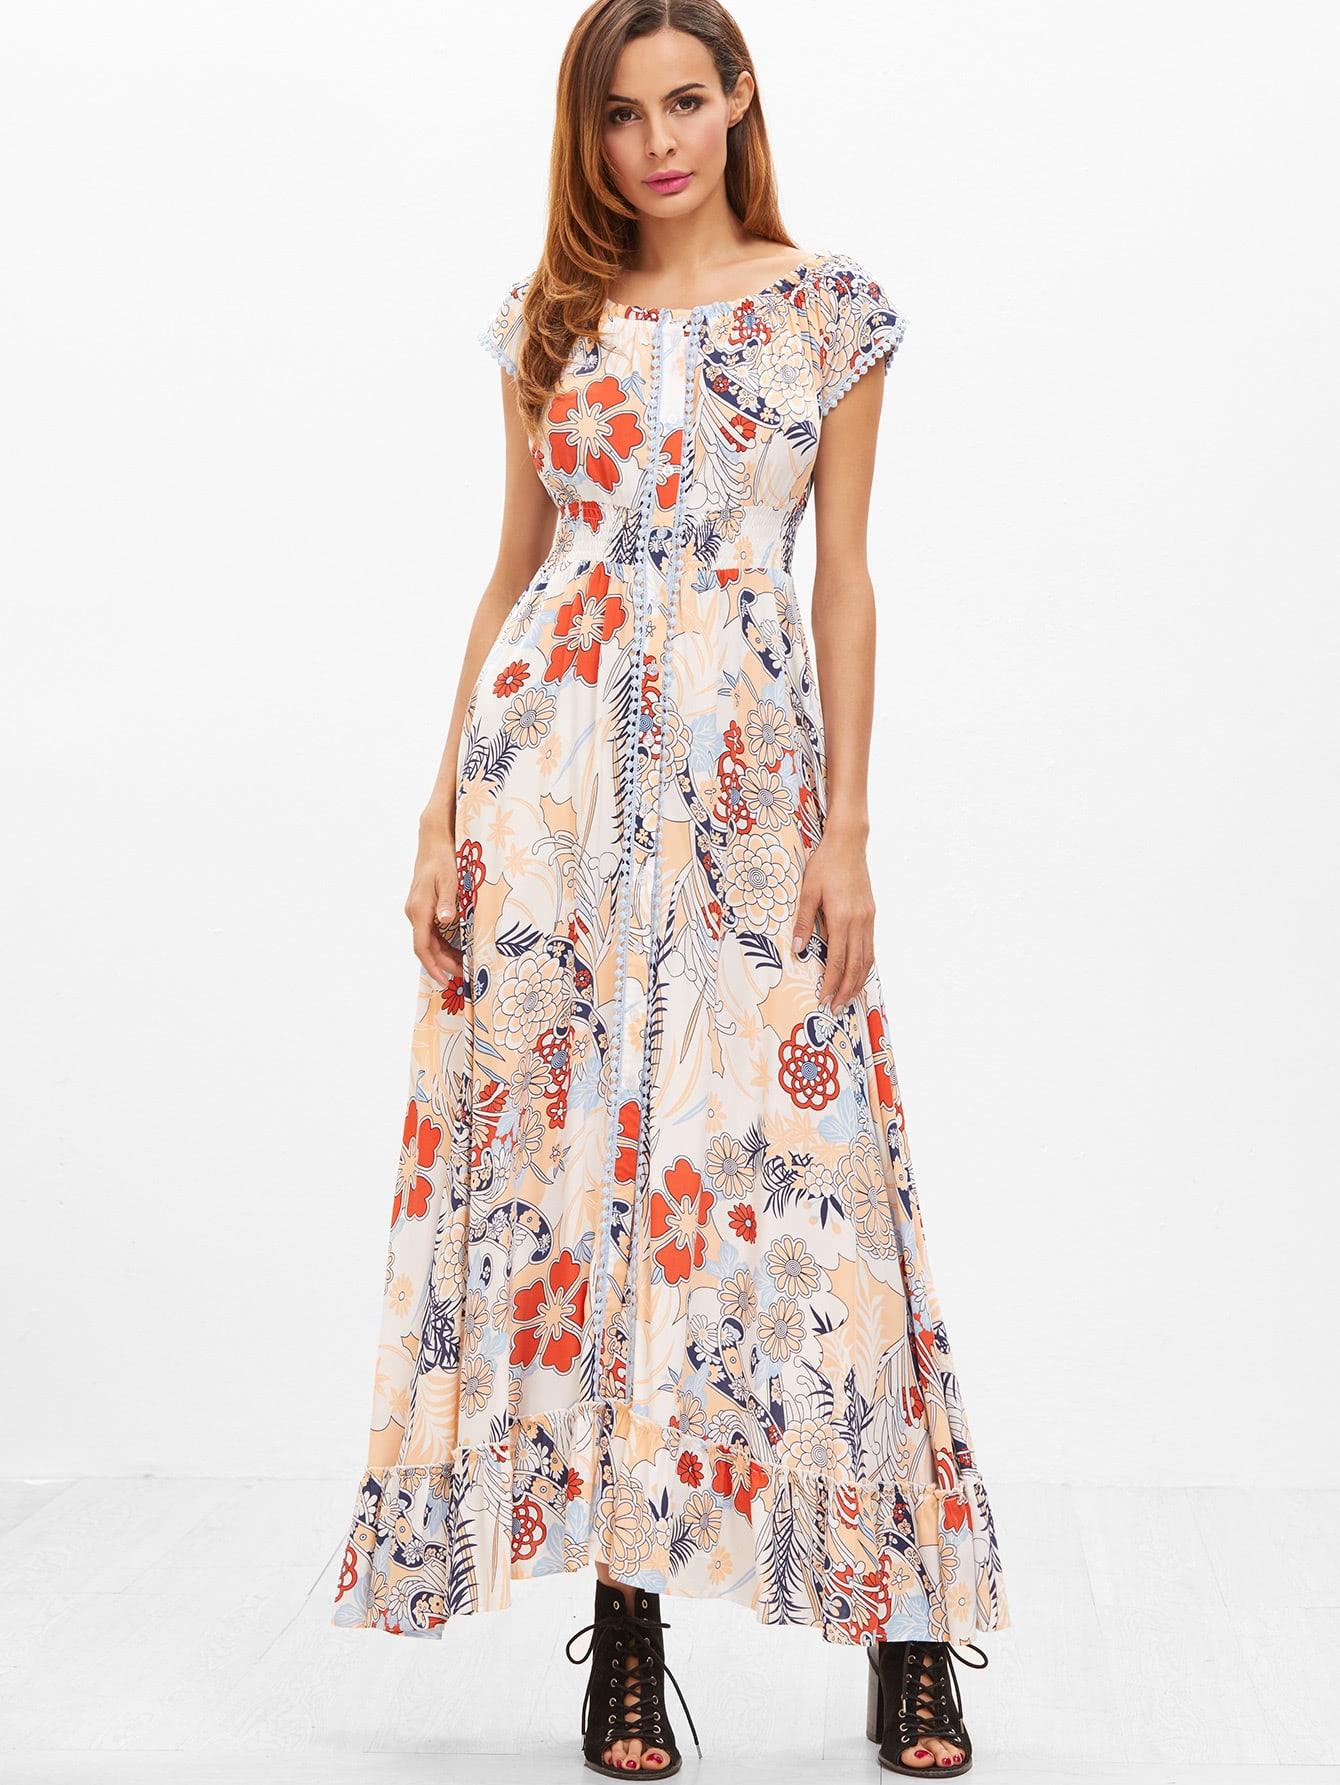 dress161221452_2